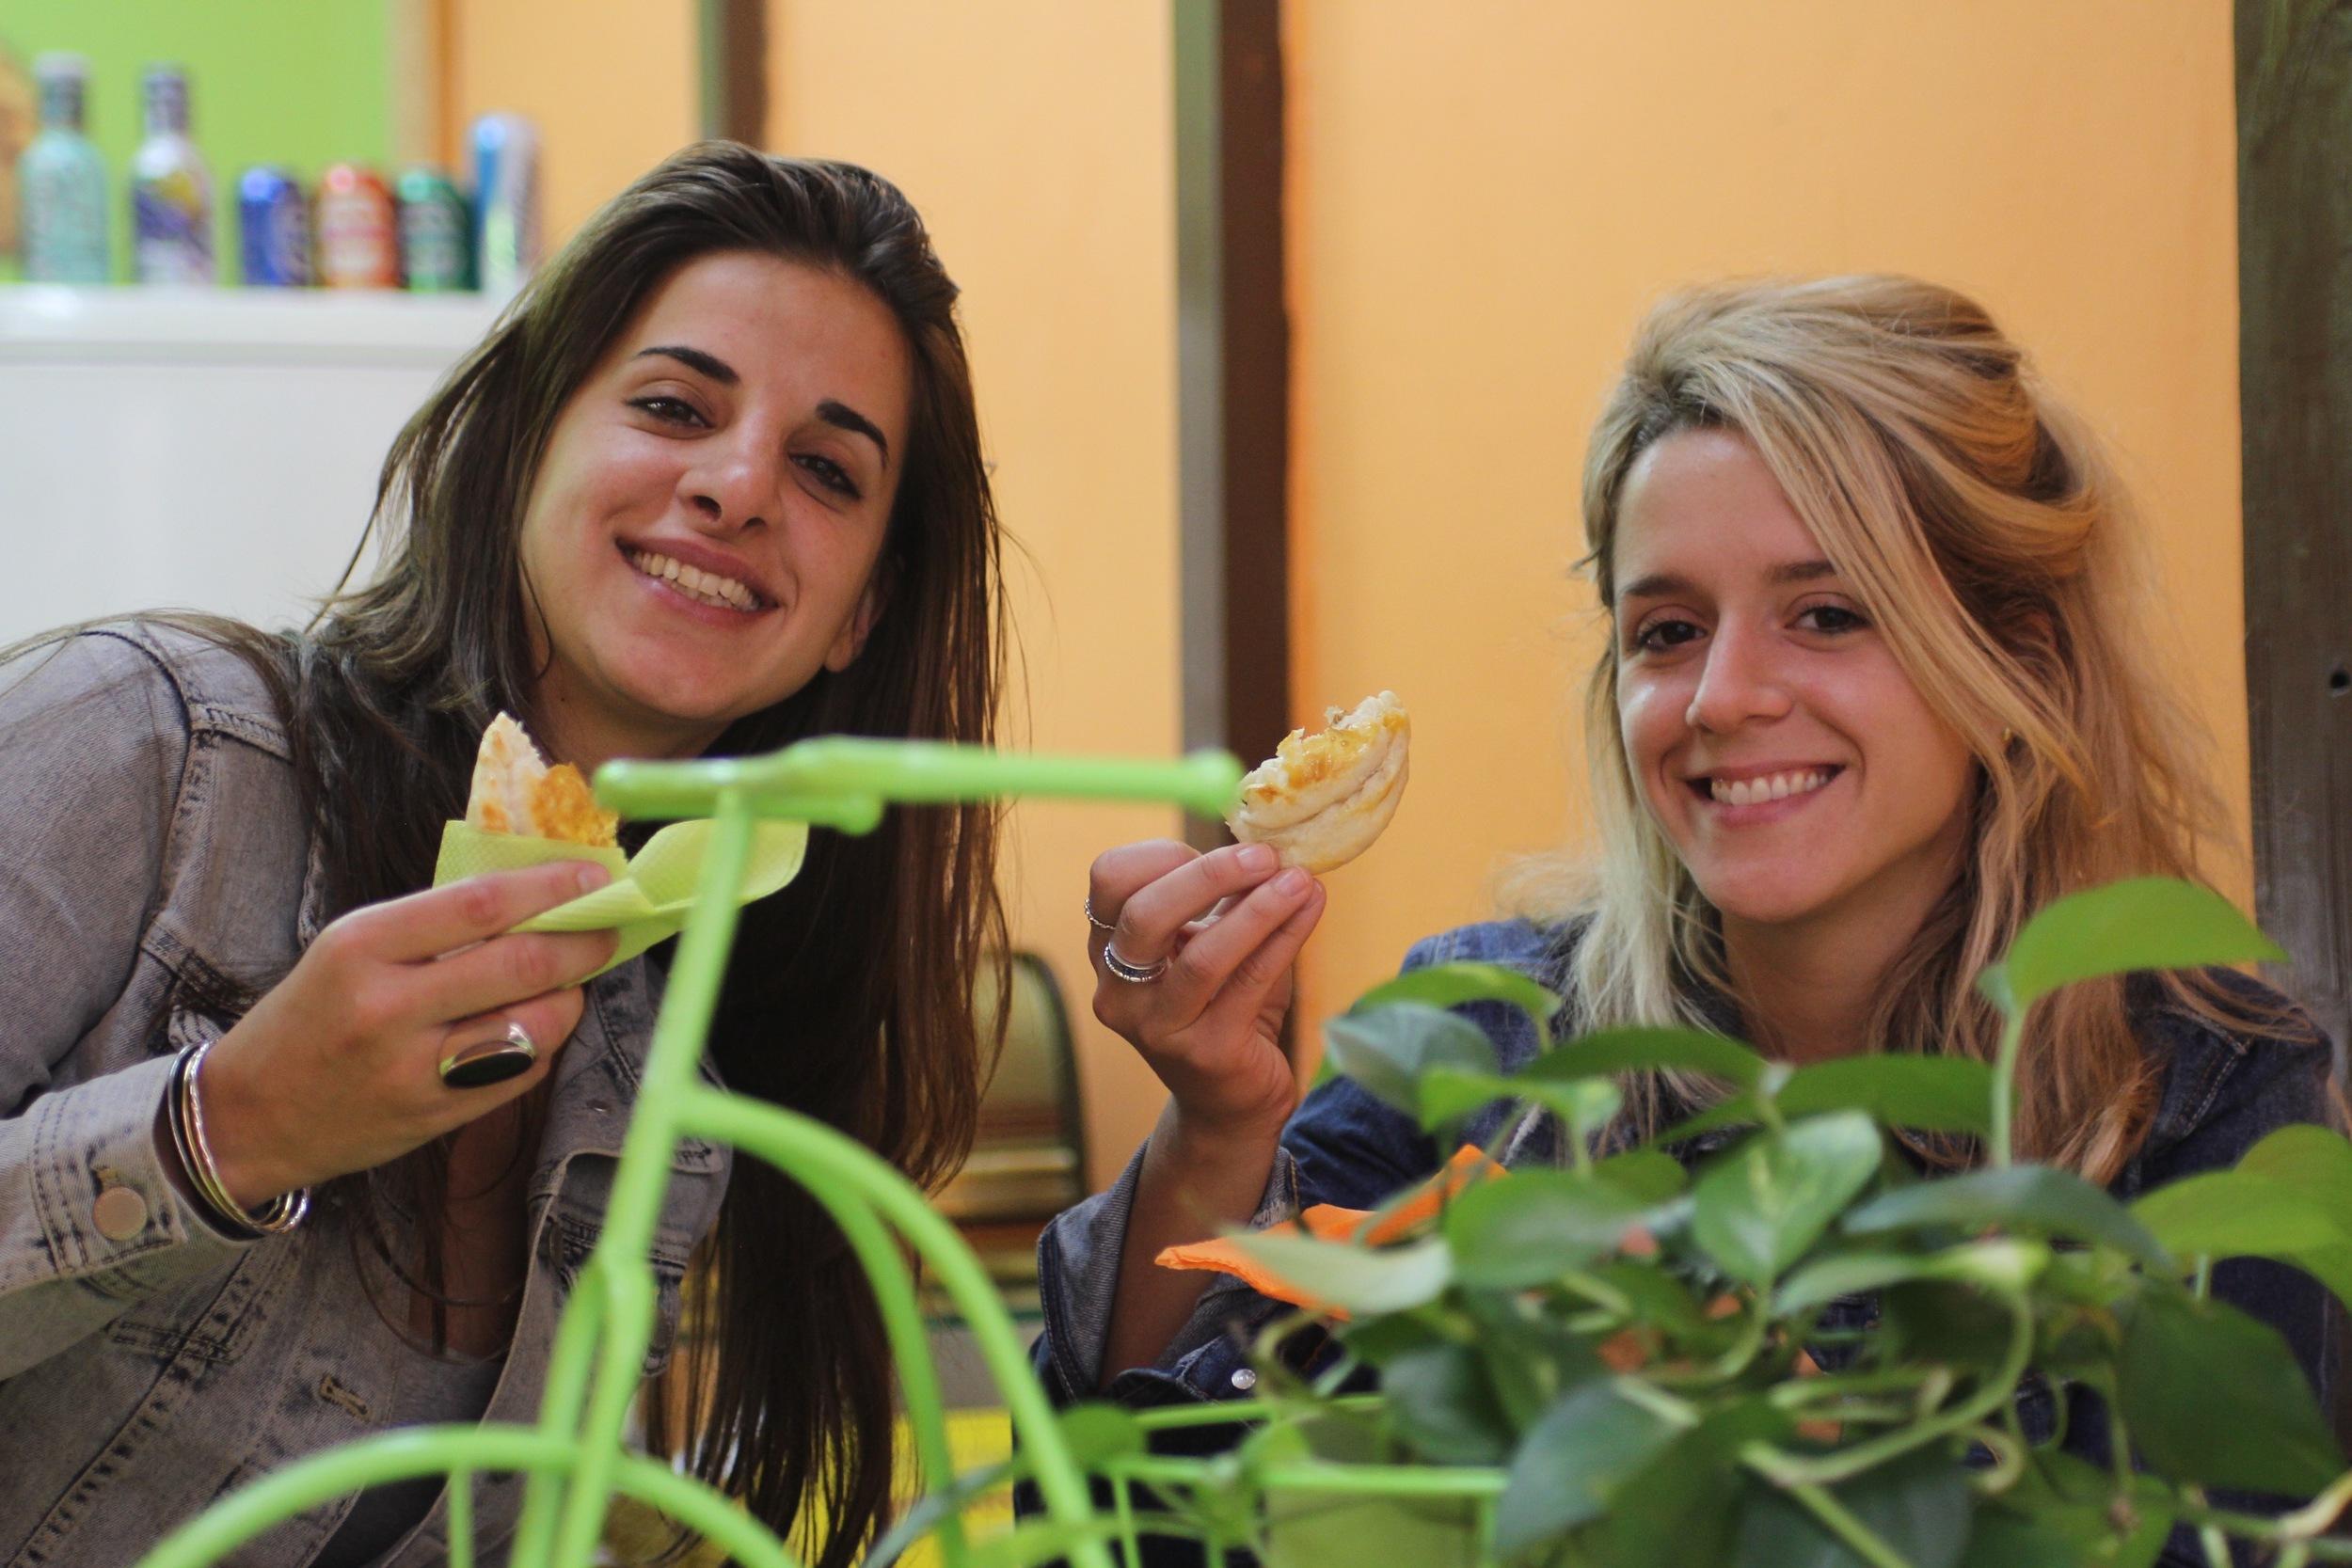 Dos amigas argentinas disfrutando de unas empanadas.